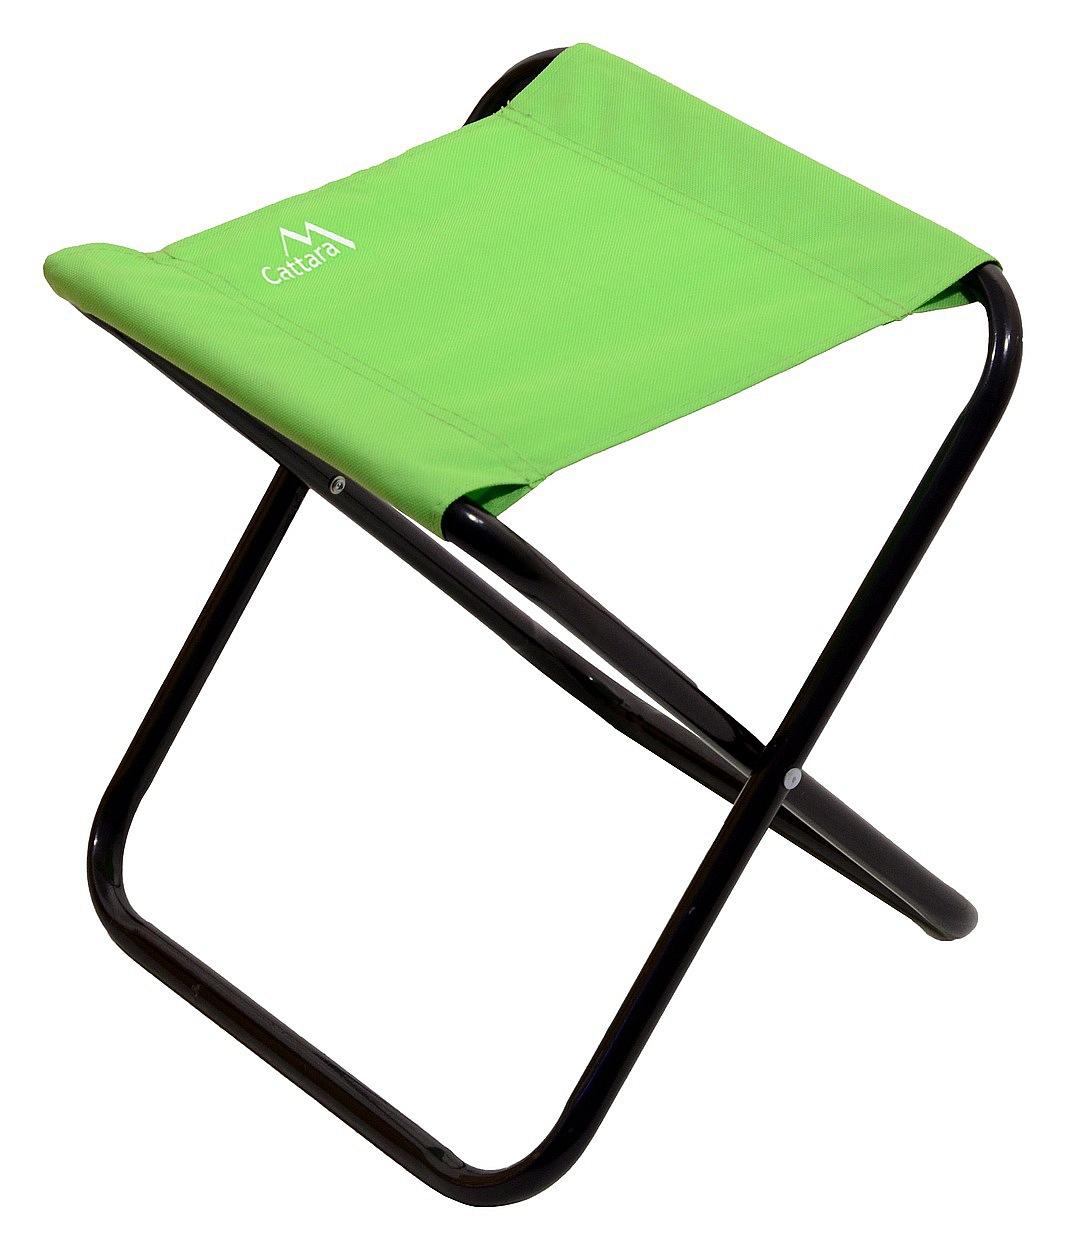 Cattara - Židle kempingová skládací MILANO zelená